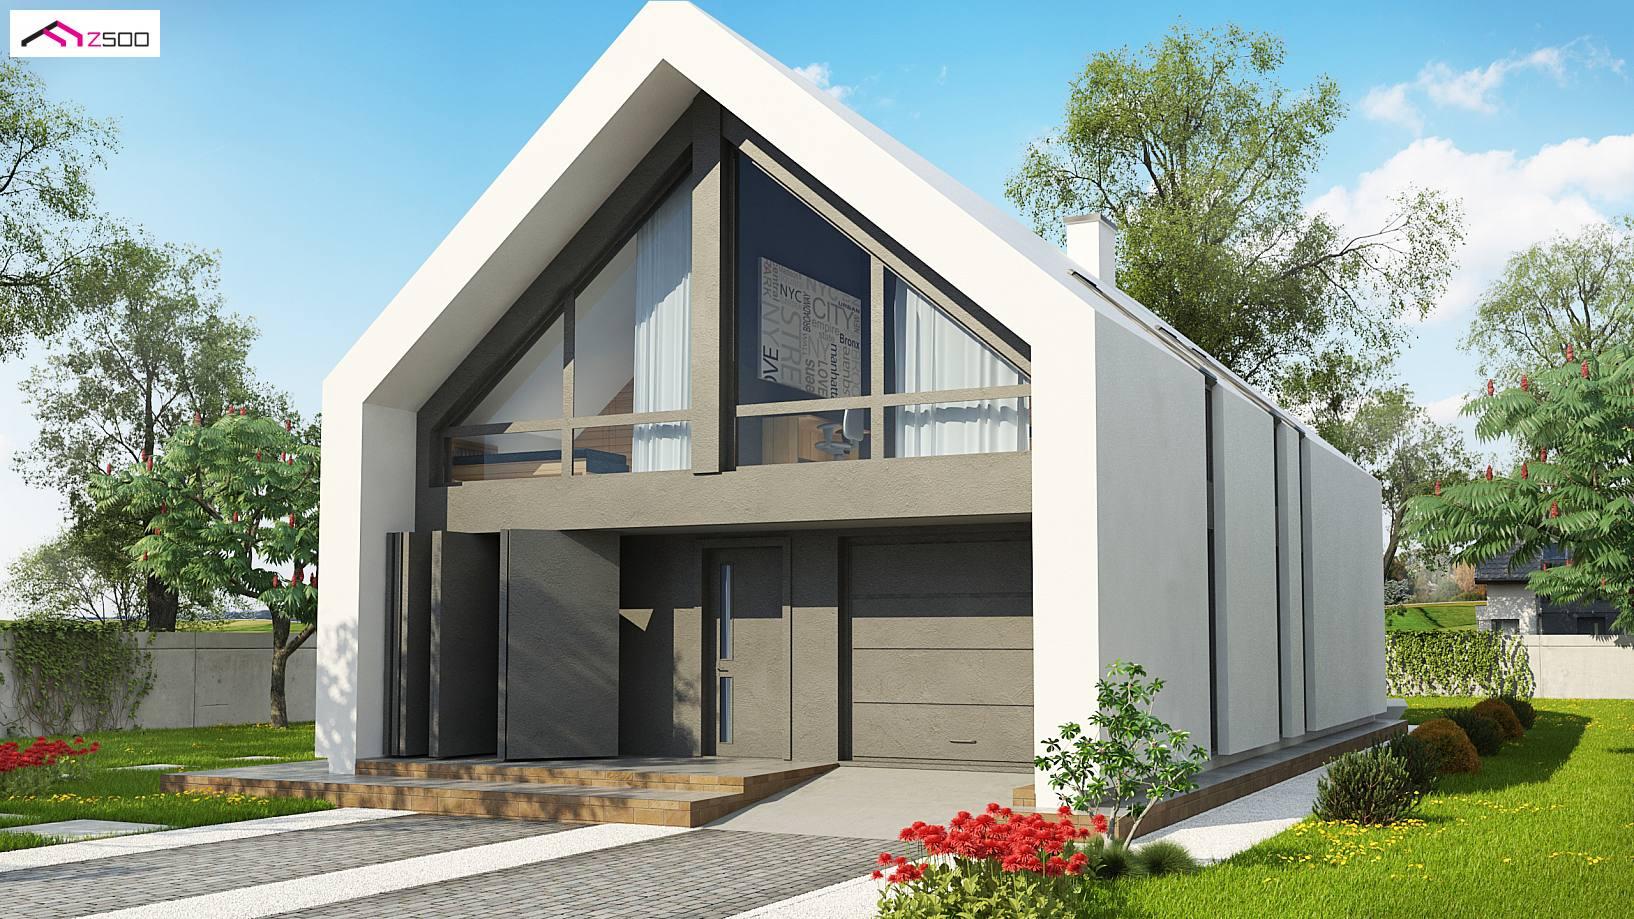 Projekt domu z215 a nowoczesny dom typu stodo a z dachem 2 for Casa minimalista uy